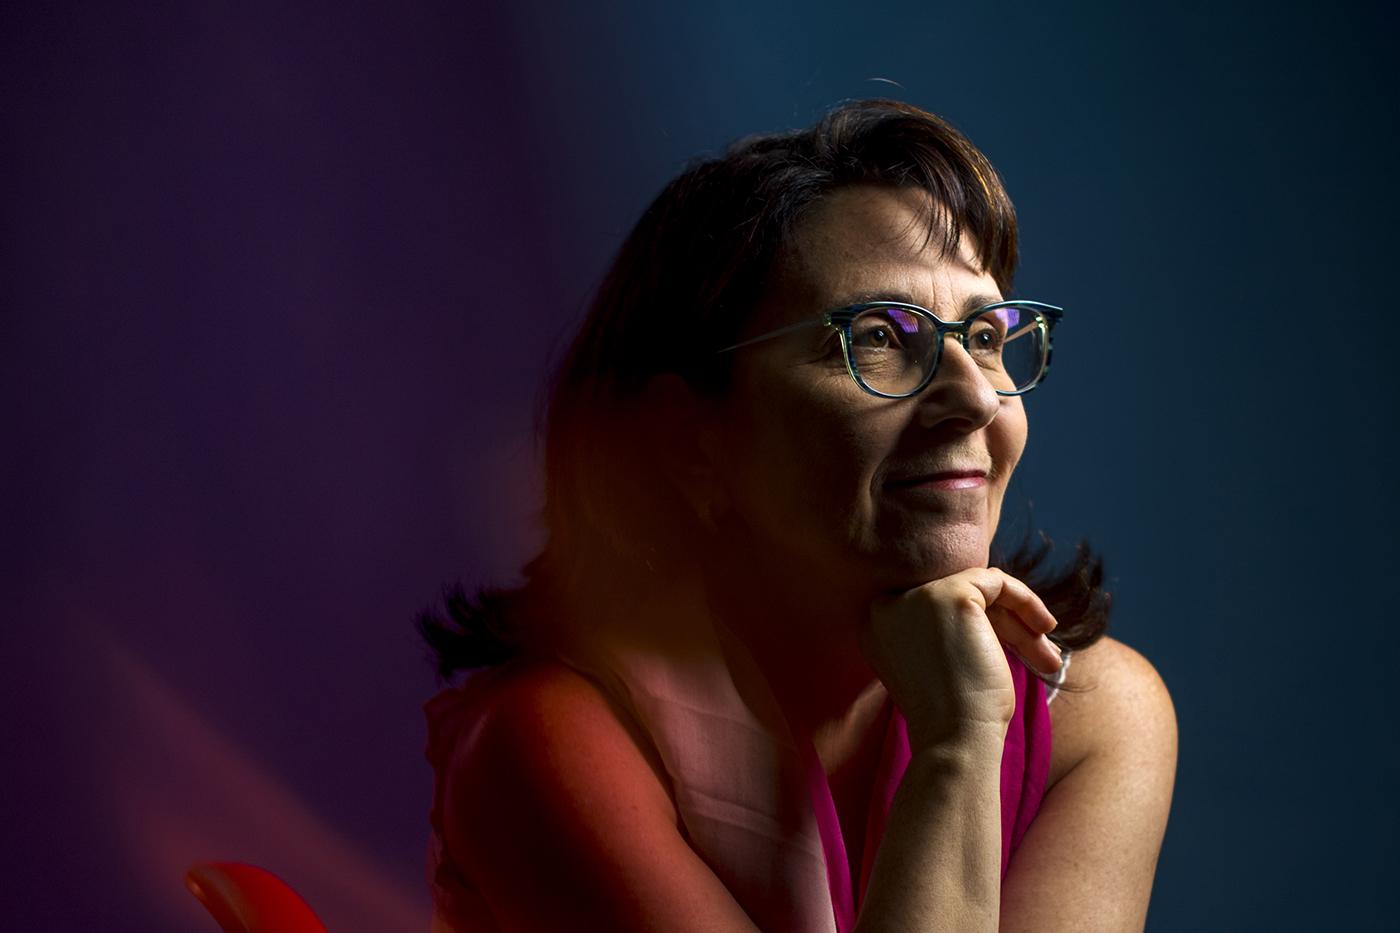 Lisa Feldman Barrett poses for photograph